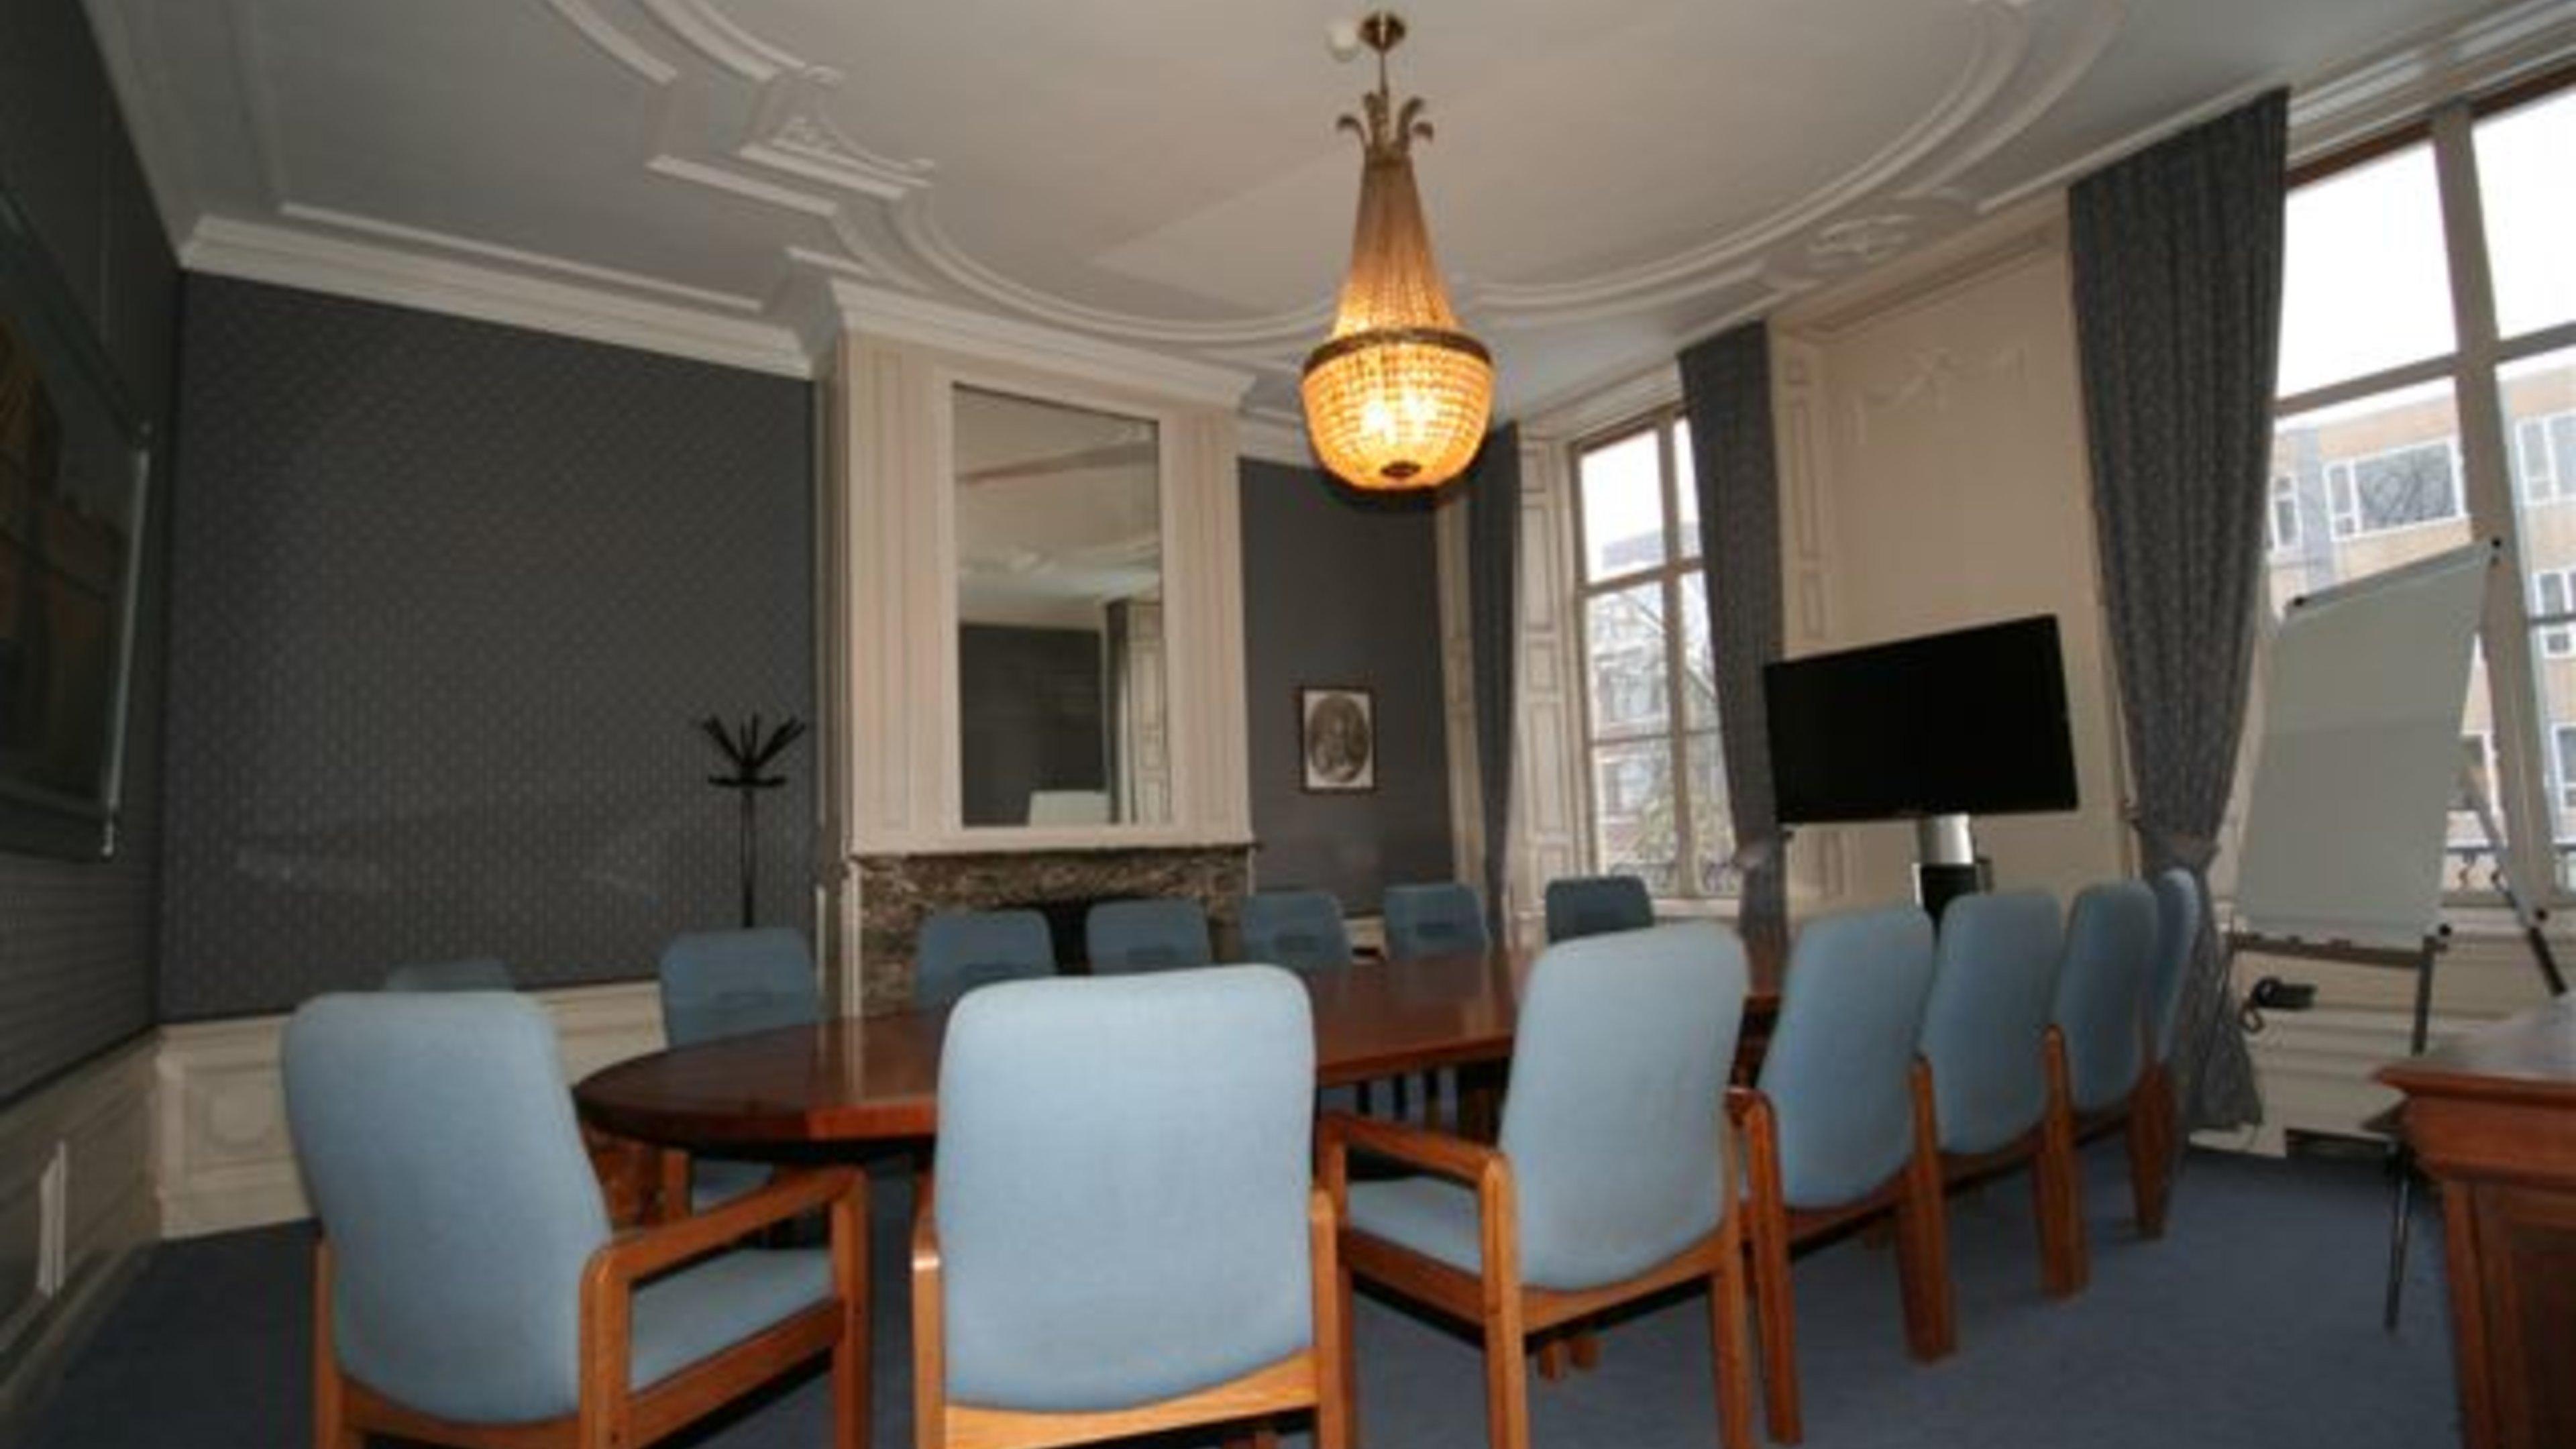 Kivi Den Haag.Huygenskamer Koninklijk Instituut Van Ingenieurs Kivi Niria In Den